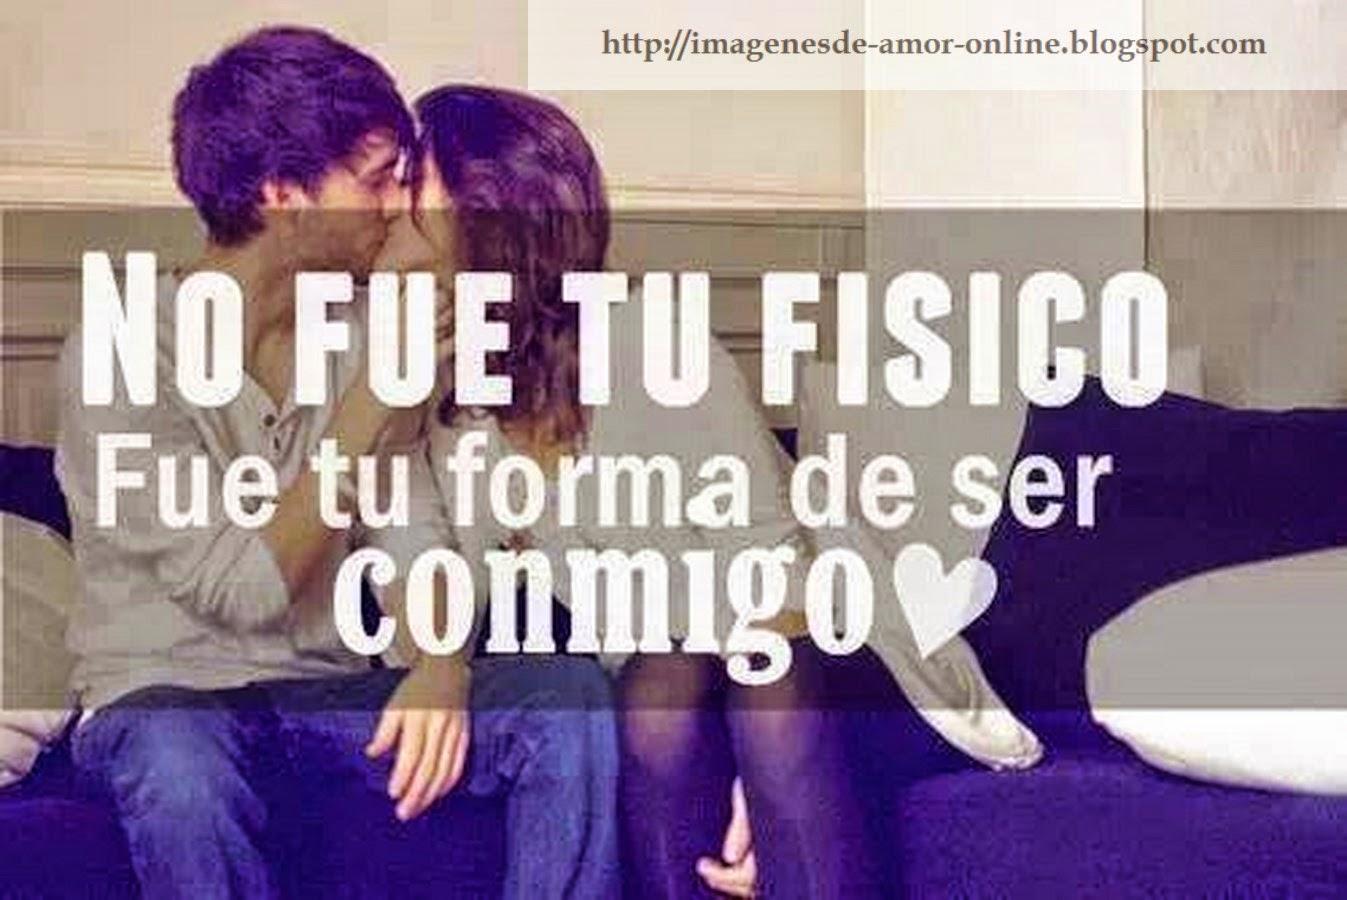 Frases De Amor Para Facebook: Ver Imagenes De Amor Online Desmotivaciones Con Frases